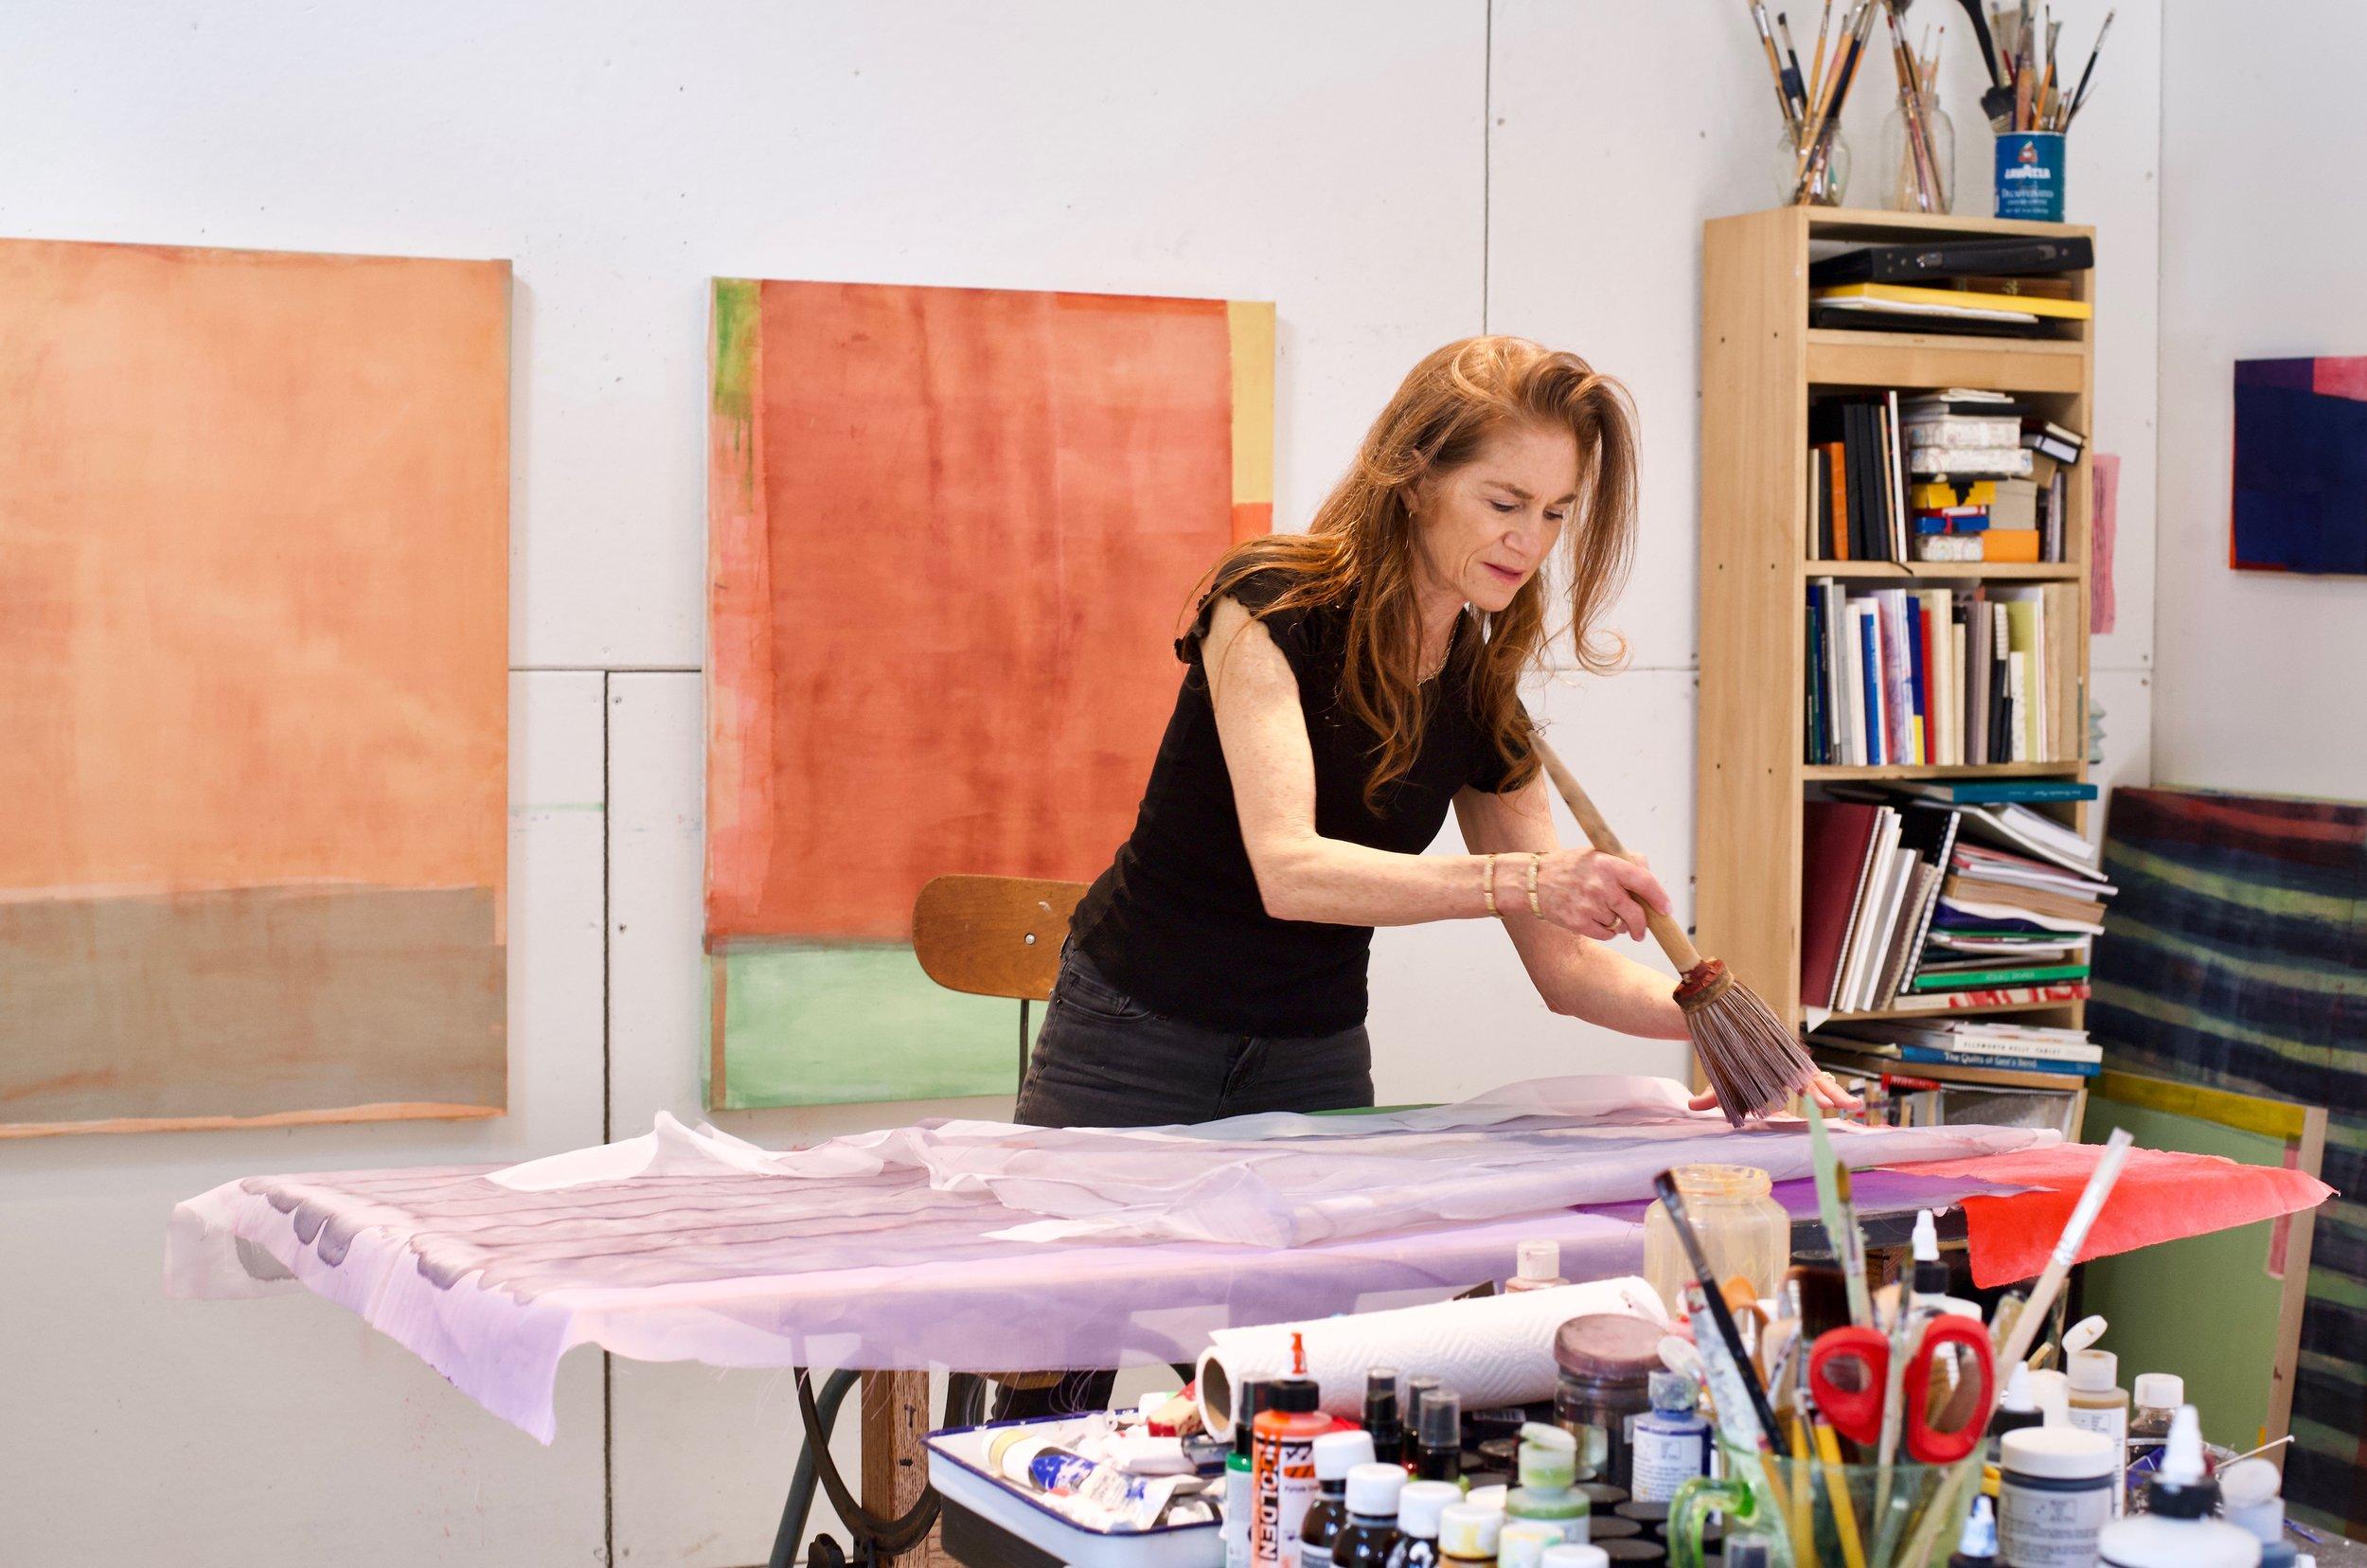 Amy Wickersham